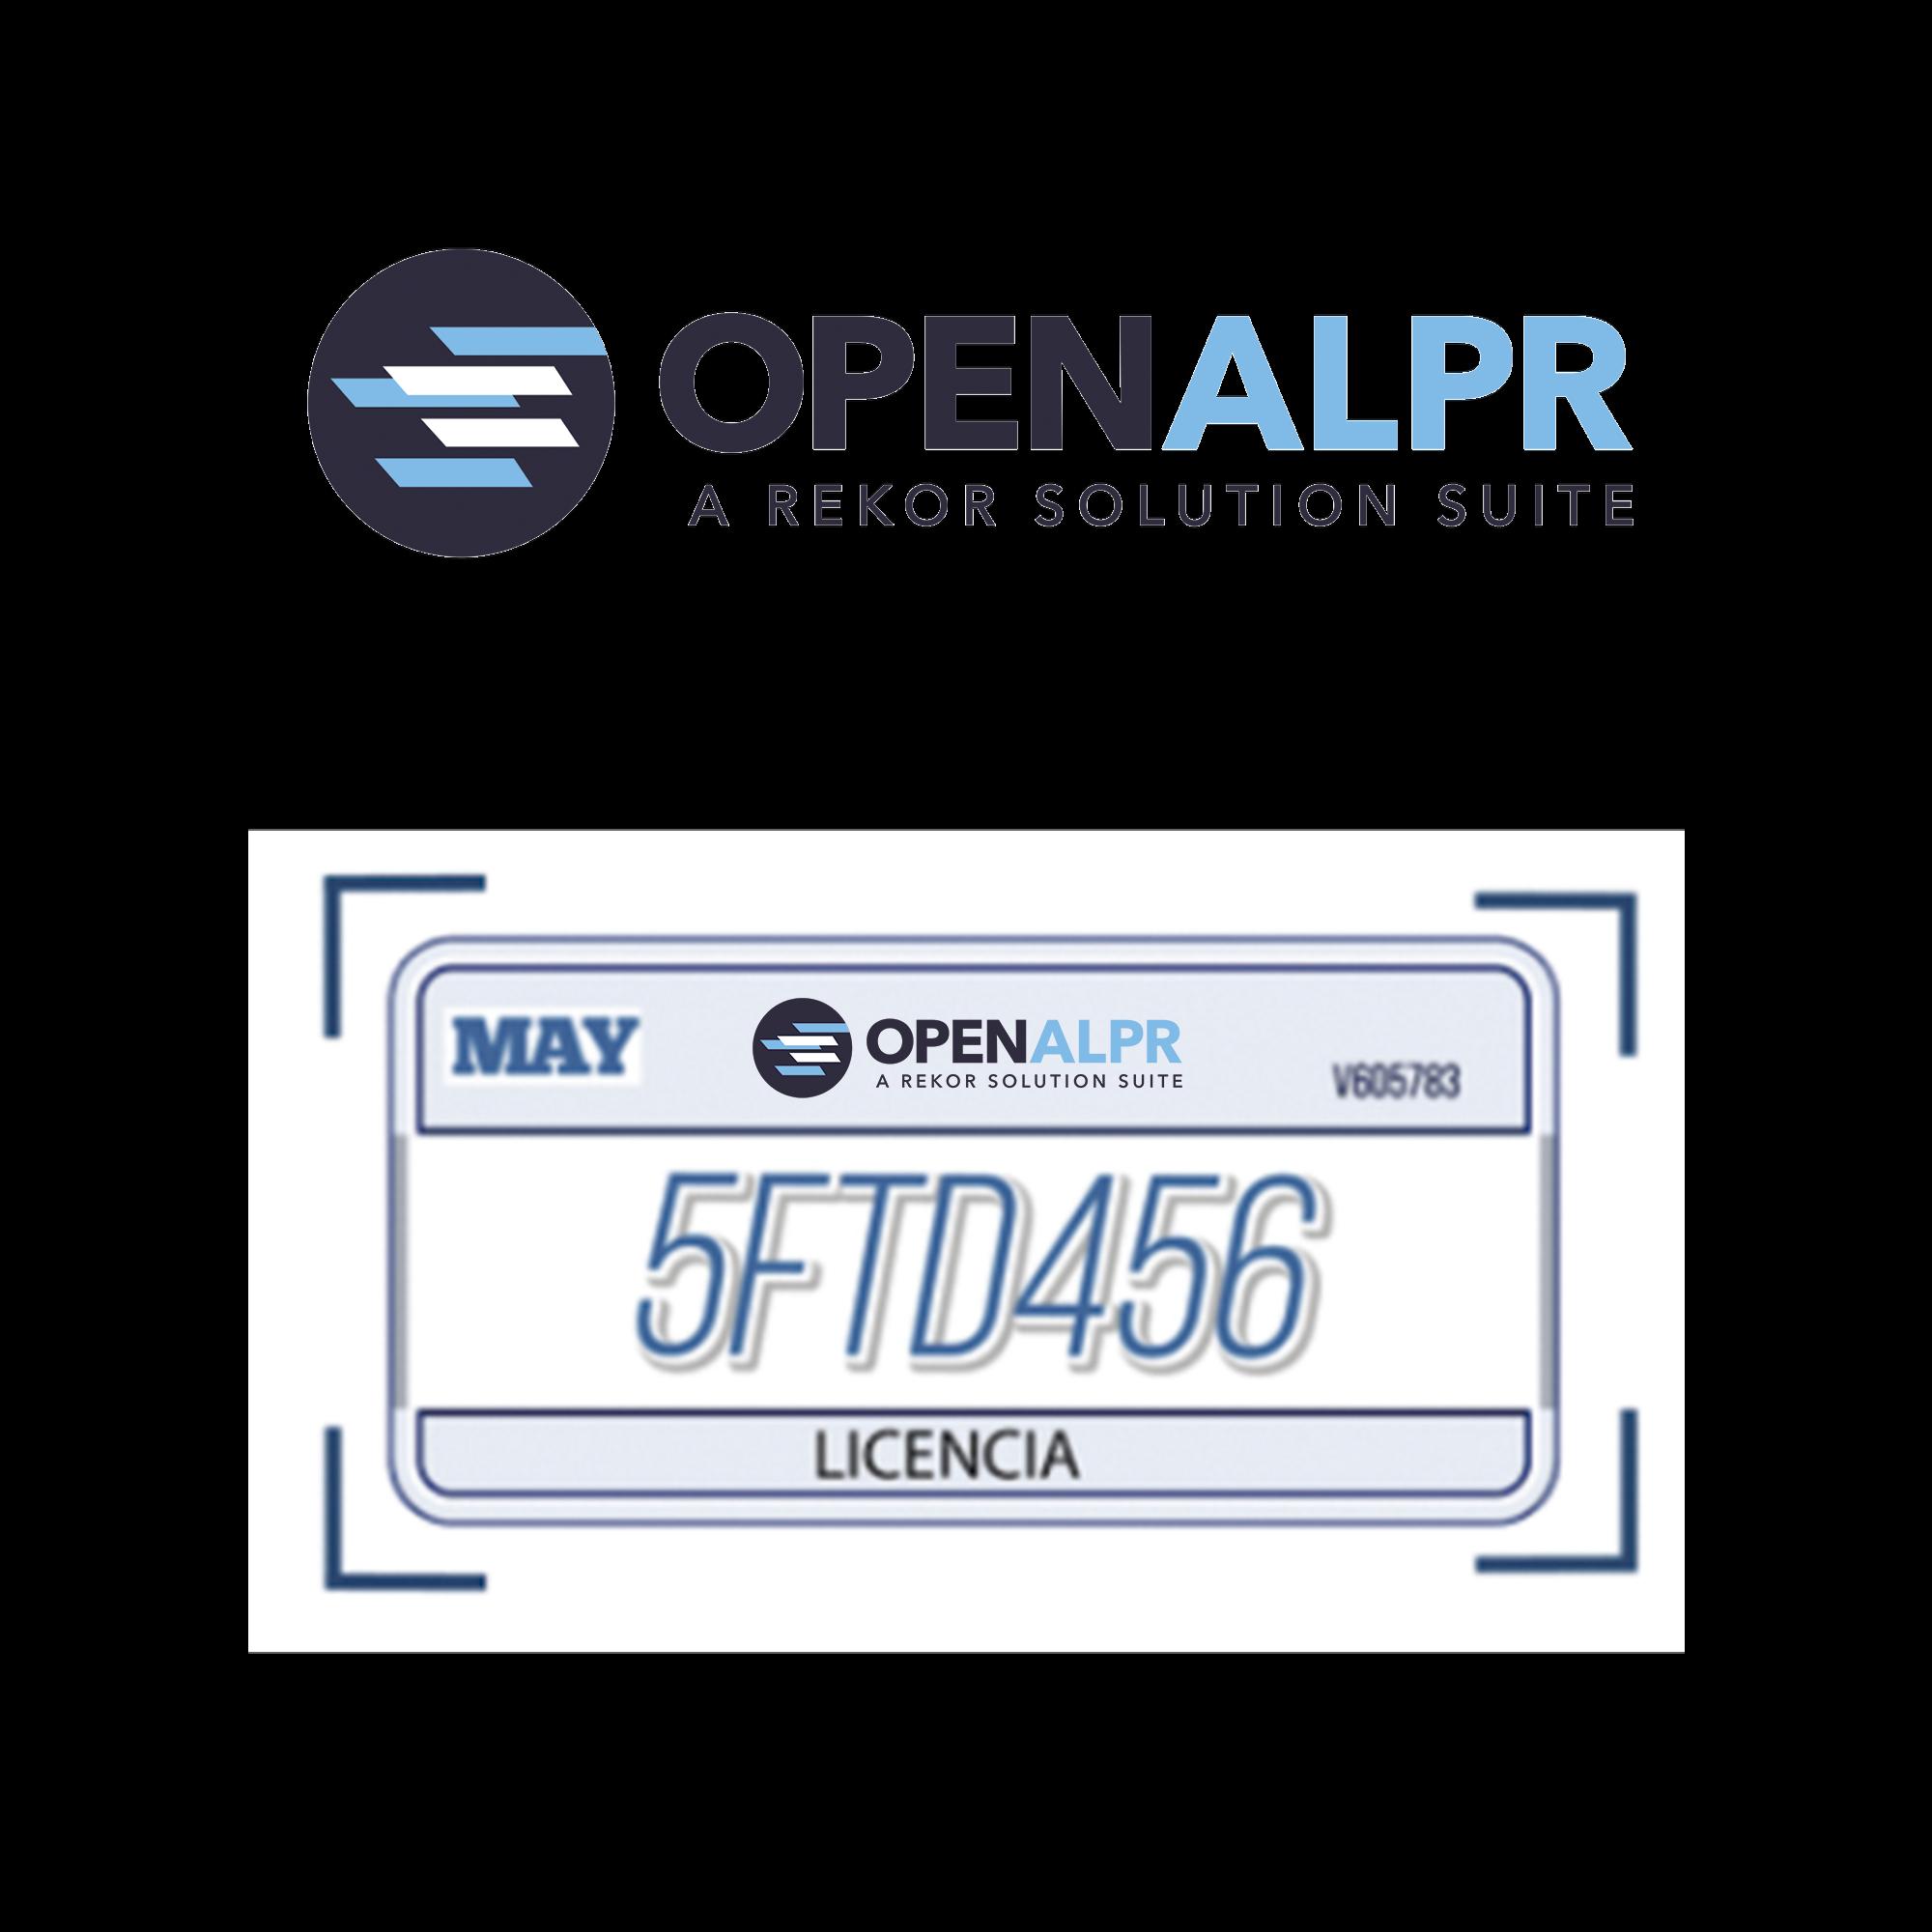 Licencia 1 año / Servidor en la nube / Reconocimiento de placas / Color / Modelo de vehículos para 1 canal de video (DVR/NVR/Cámara IP) / Compatible con todas las marcas / Hasta 160 km/h